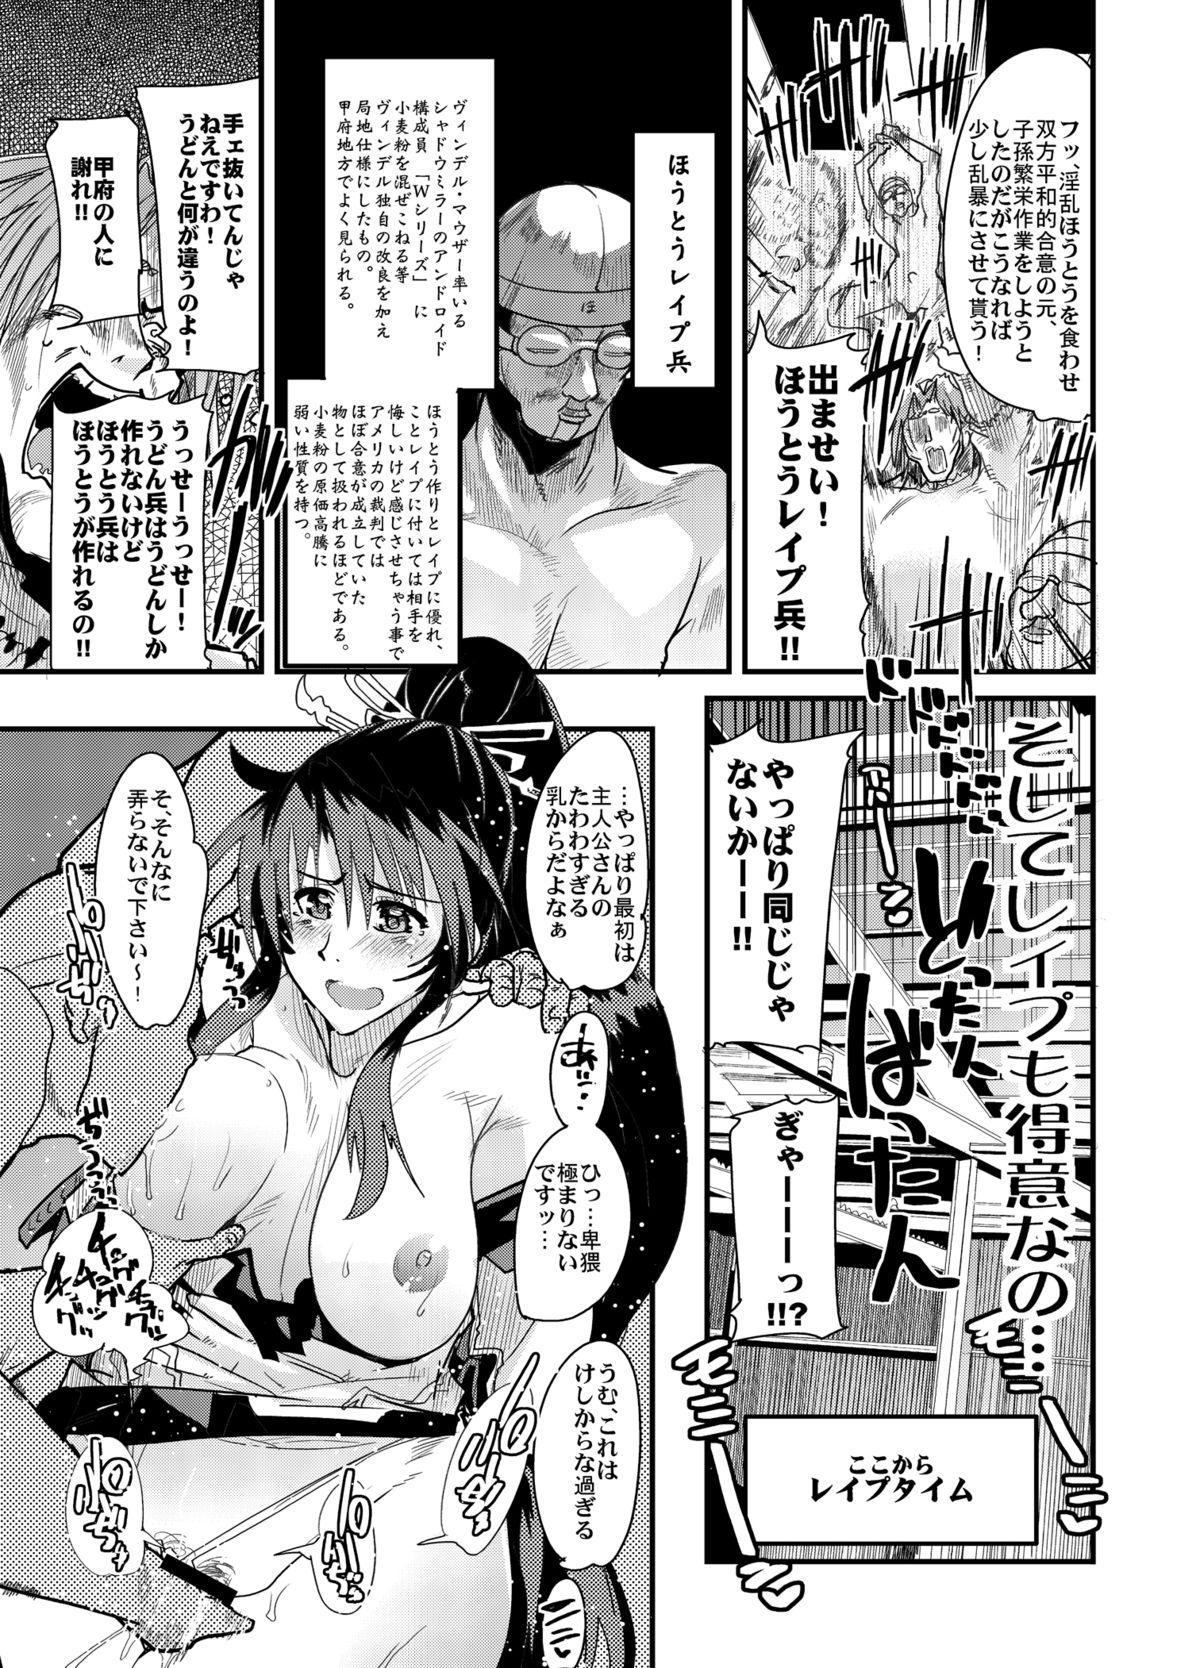 Boku no Watashi no Mugen no Super Bobobbo Taisen Frontier 7